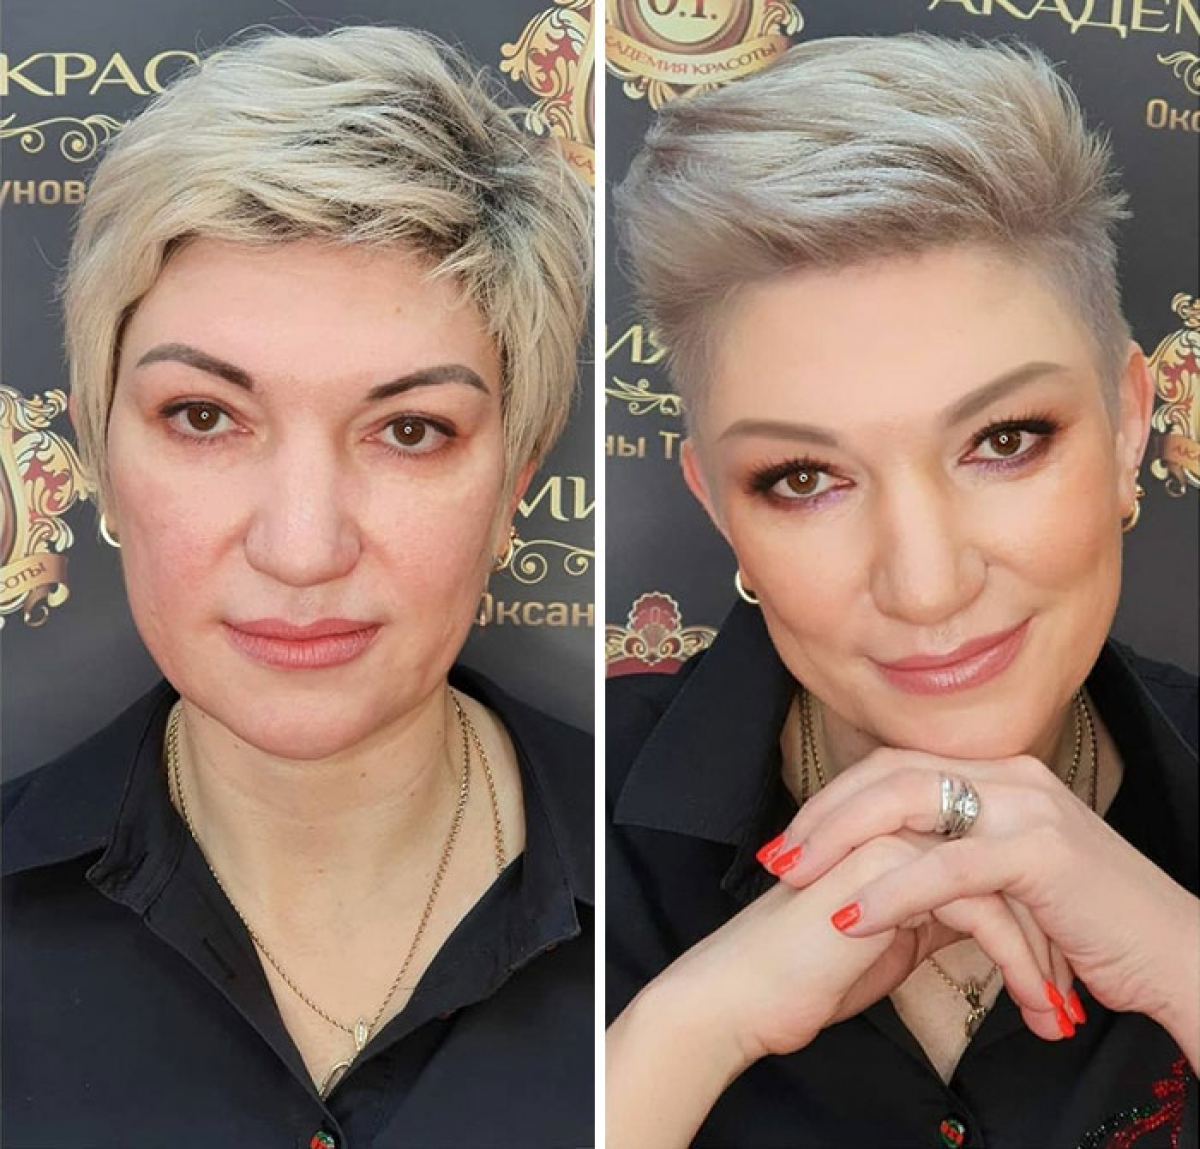 Kiểu tóc cũ của người phụ nữ này không hẳn là xấu nhưng không thật sự trẻ trung. Sau khi thay đổi bằng mái tóc cắt ngắn vuốt ngược lên, người phụ nữ này đã nhìn cá tính, sành điệu hơn hẳn.